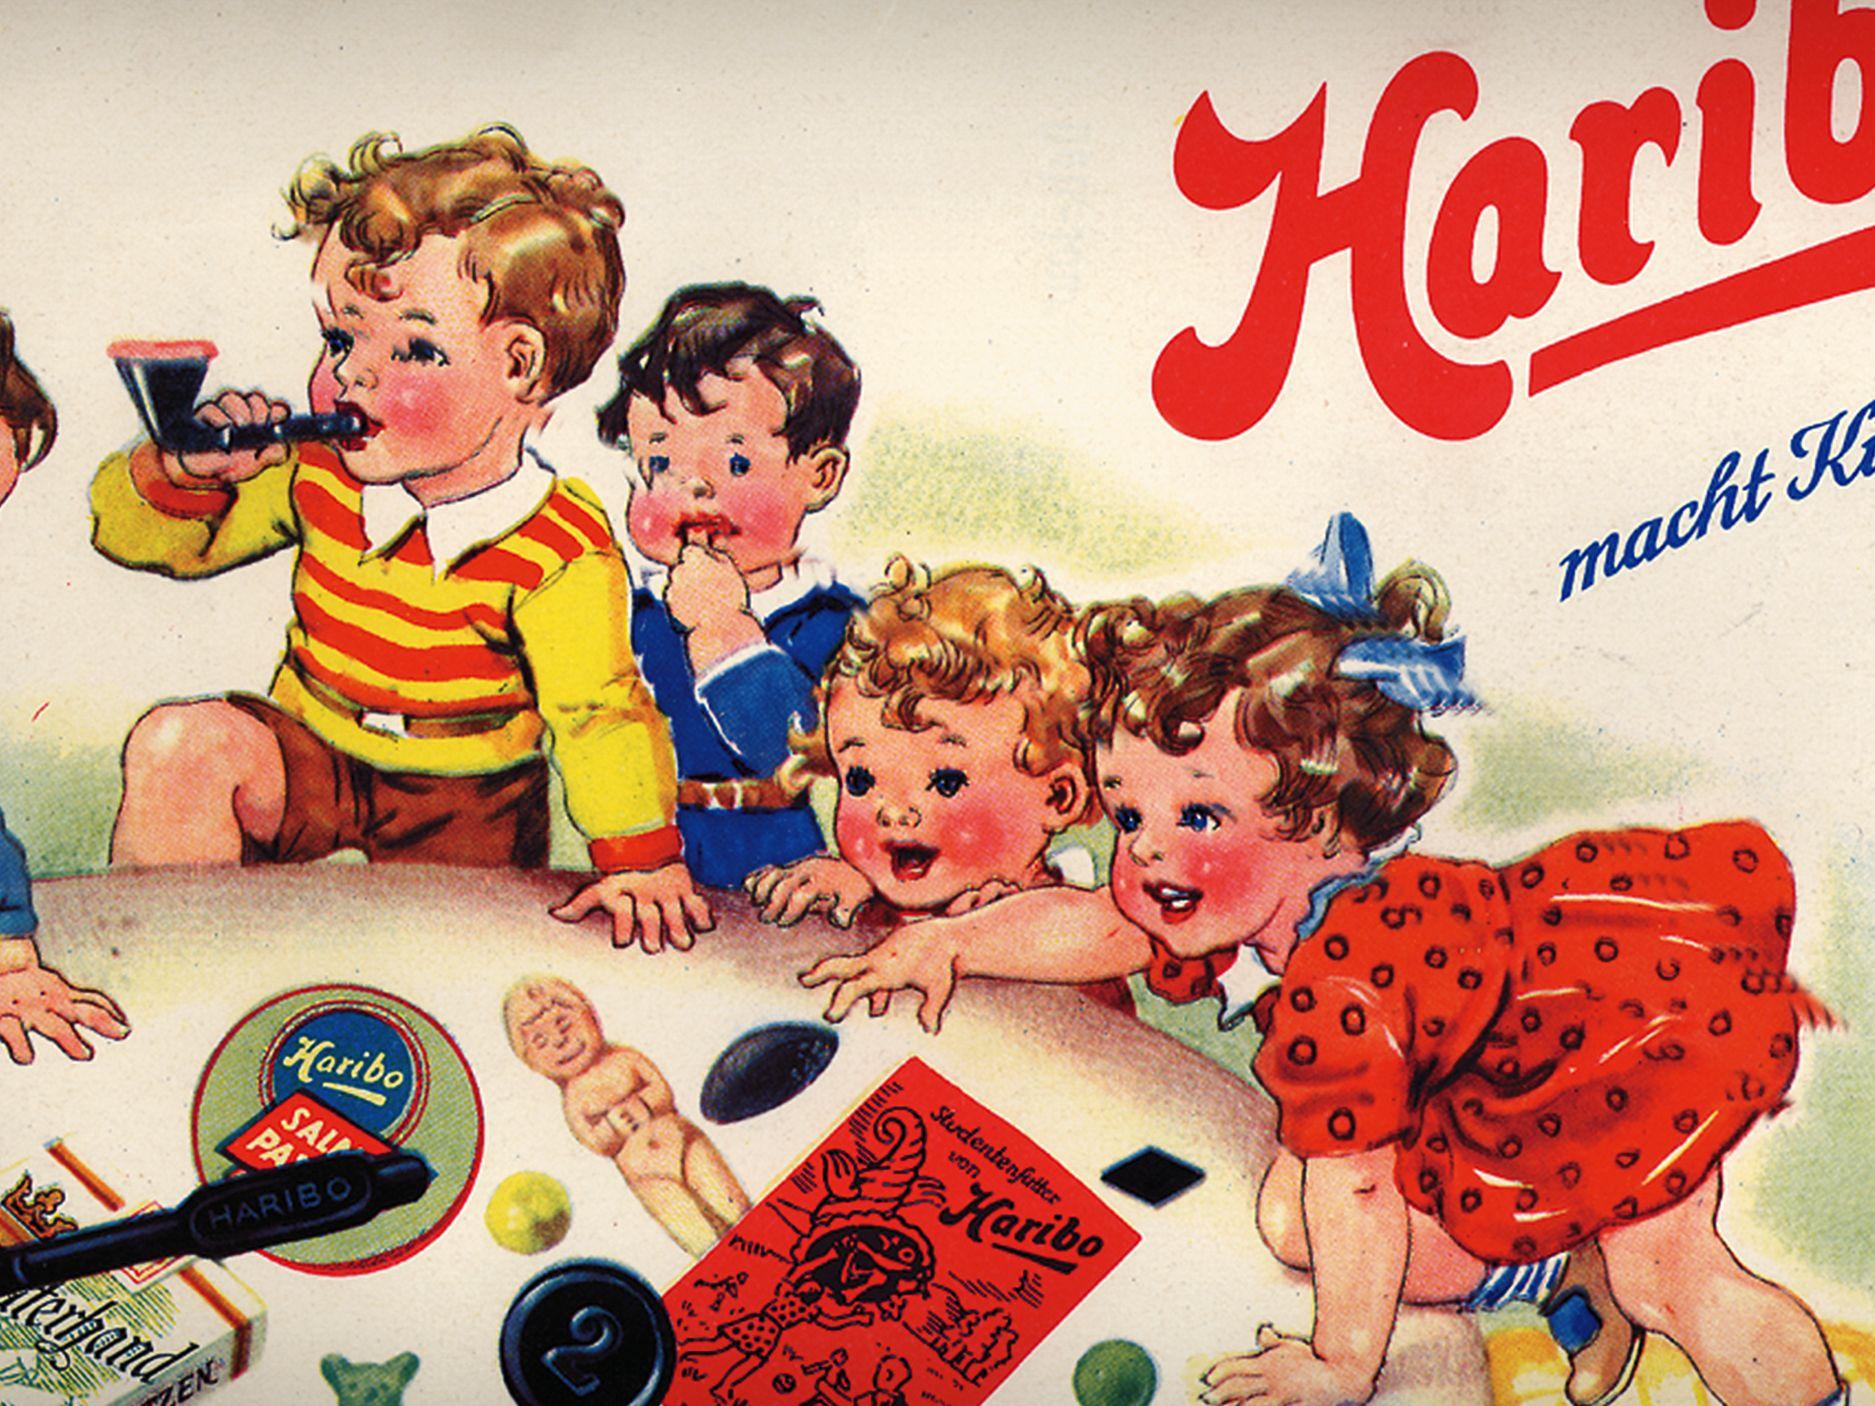 昔のHARIBO広告。グミベアやリコリスで遊ぶ子供たち